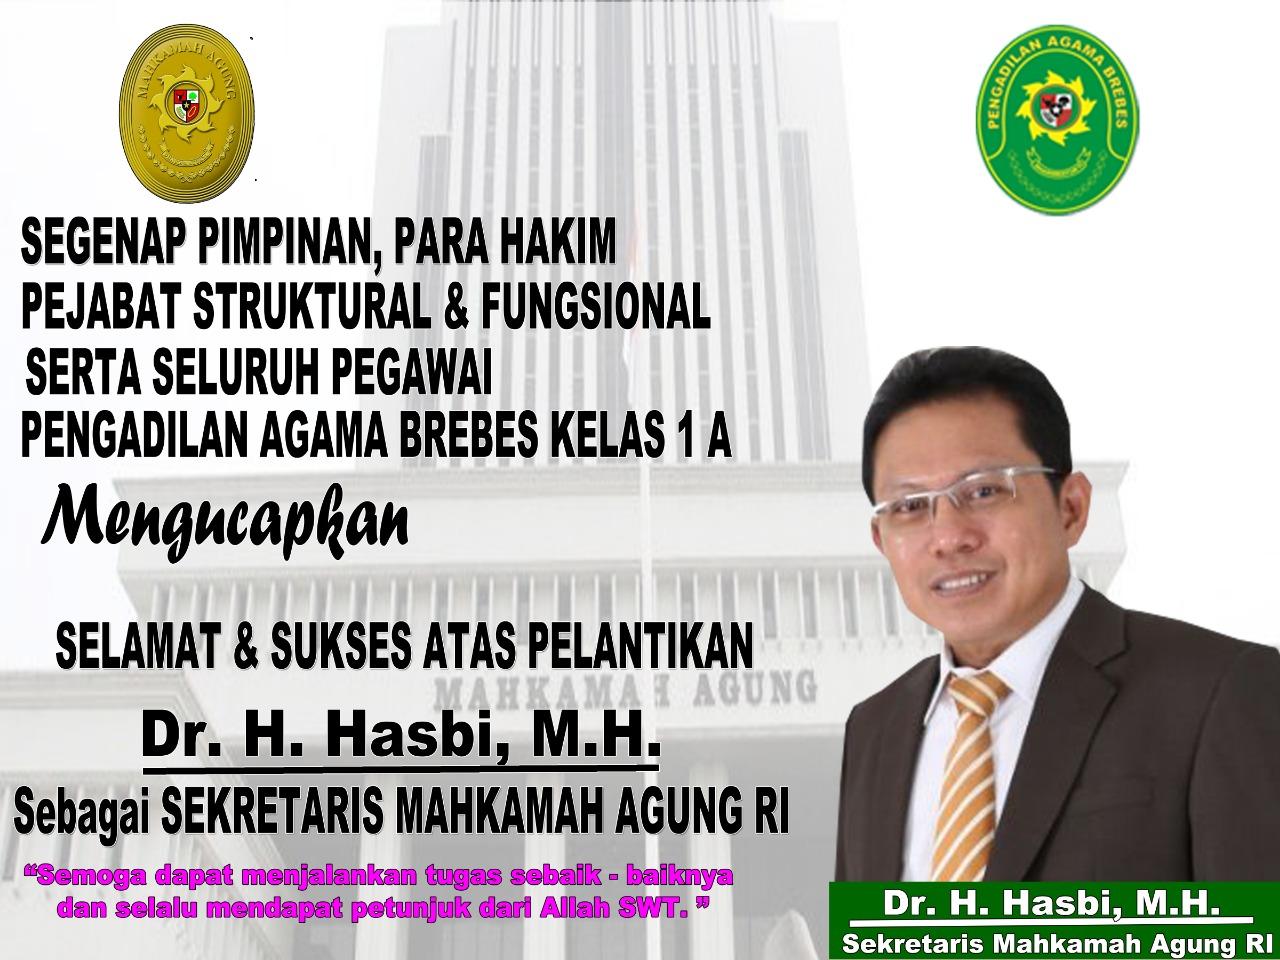 Segenap Pimpinan, Hakim dan Pegawai Pengadilan Agama Brebes Mengucapkan